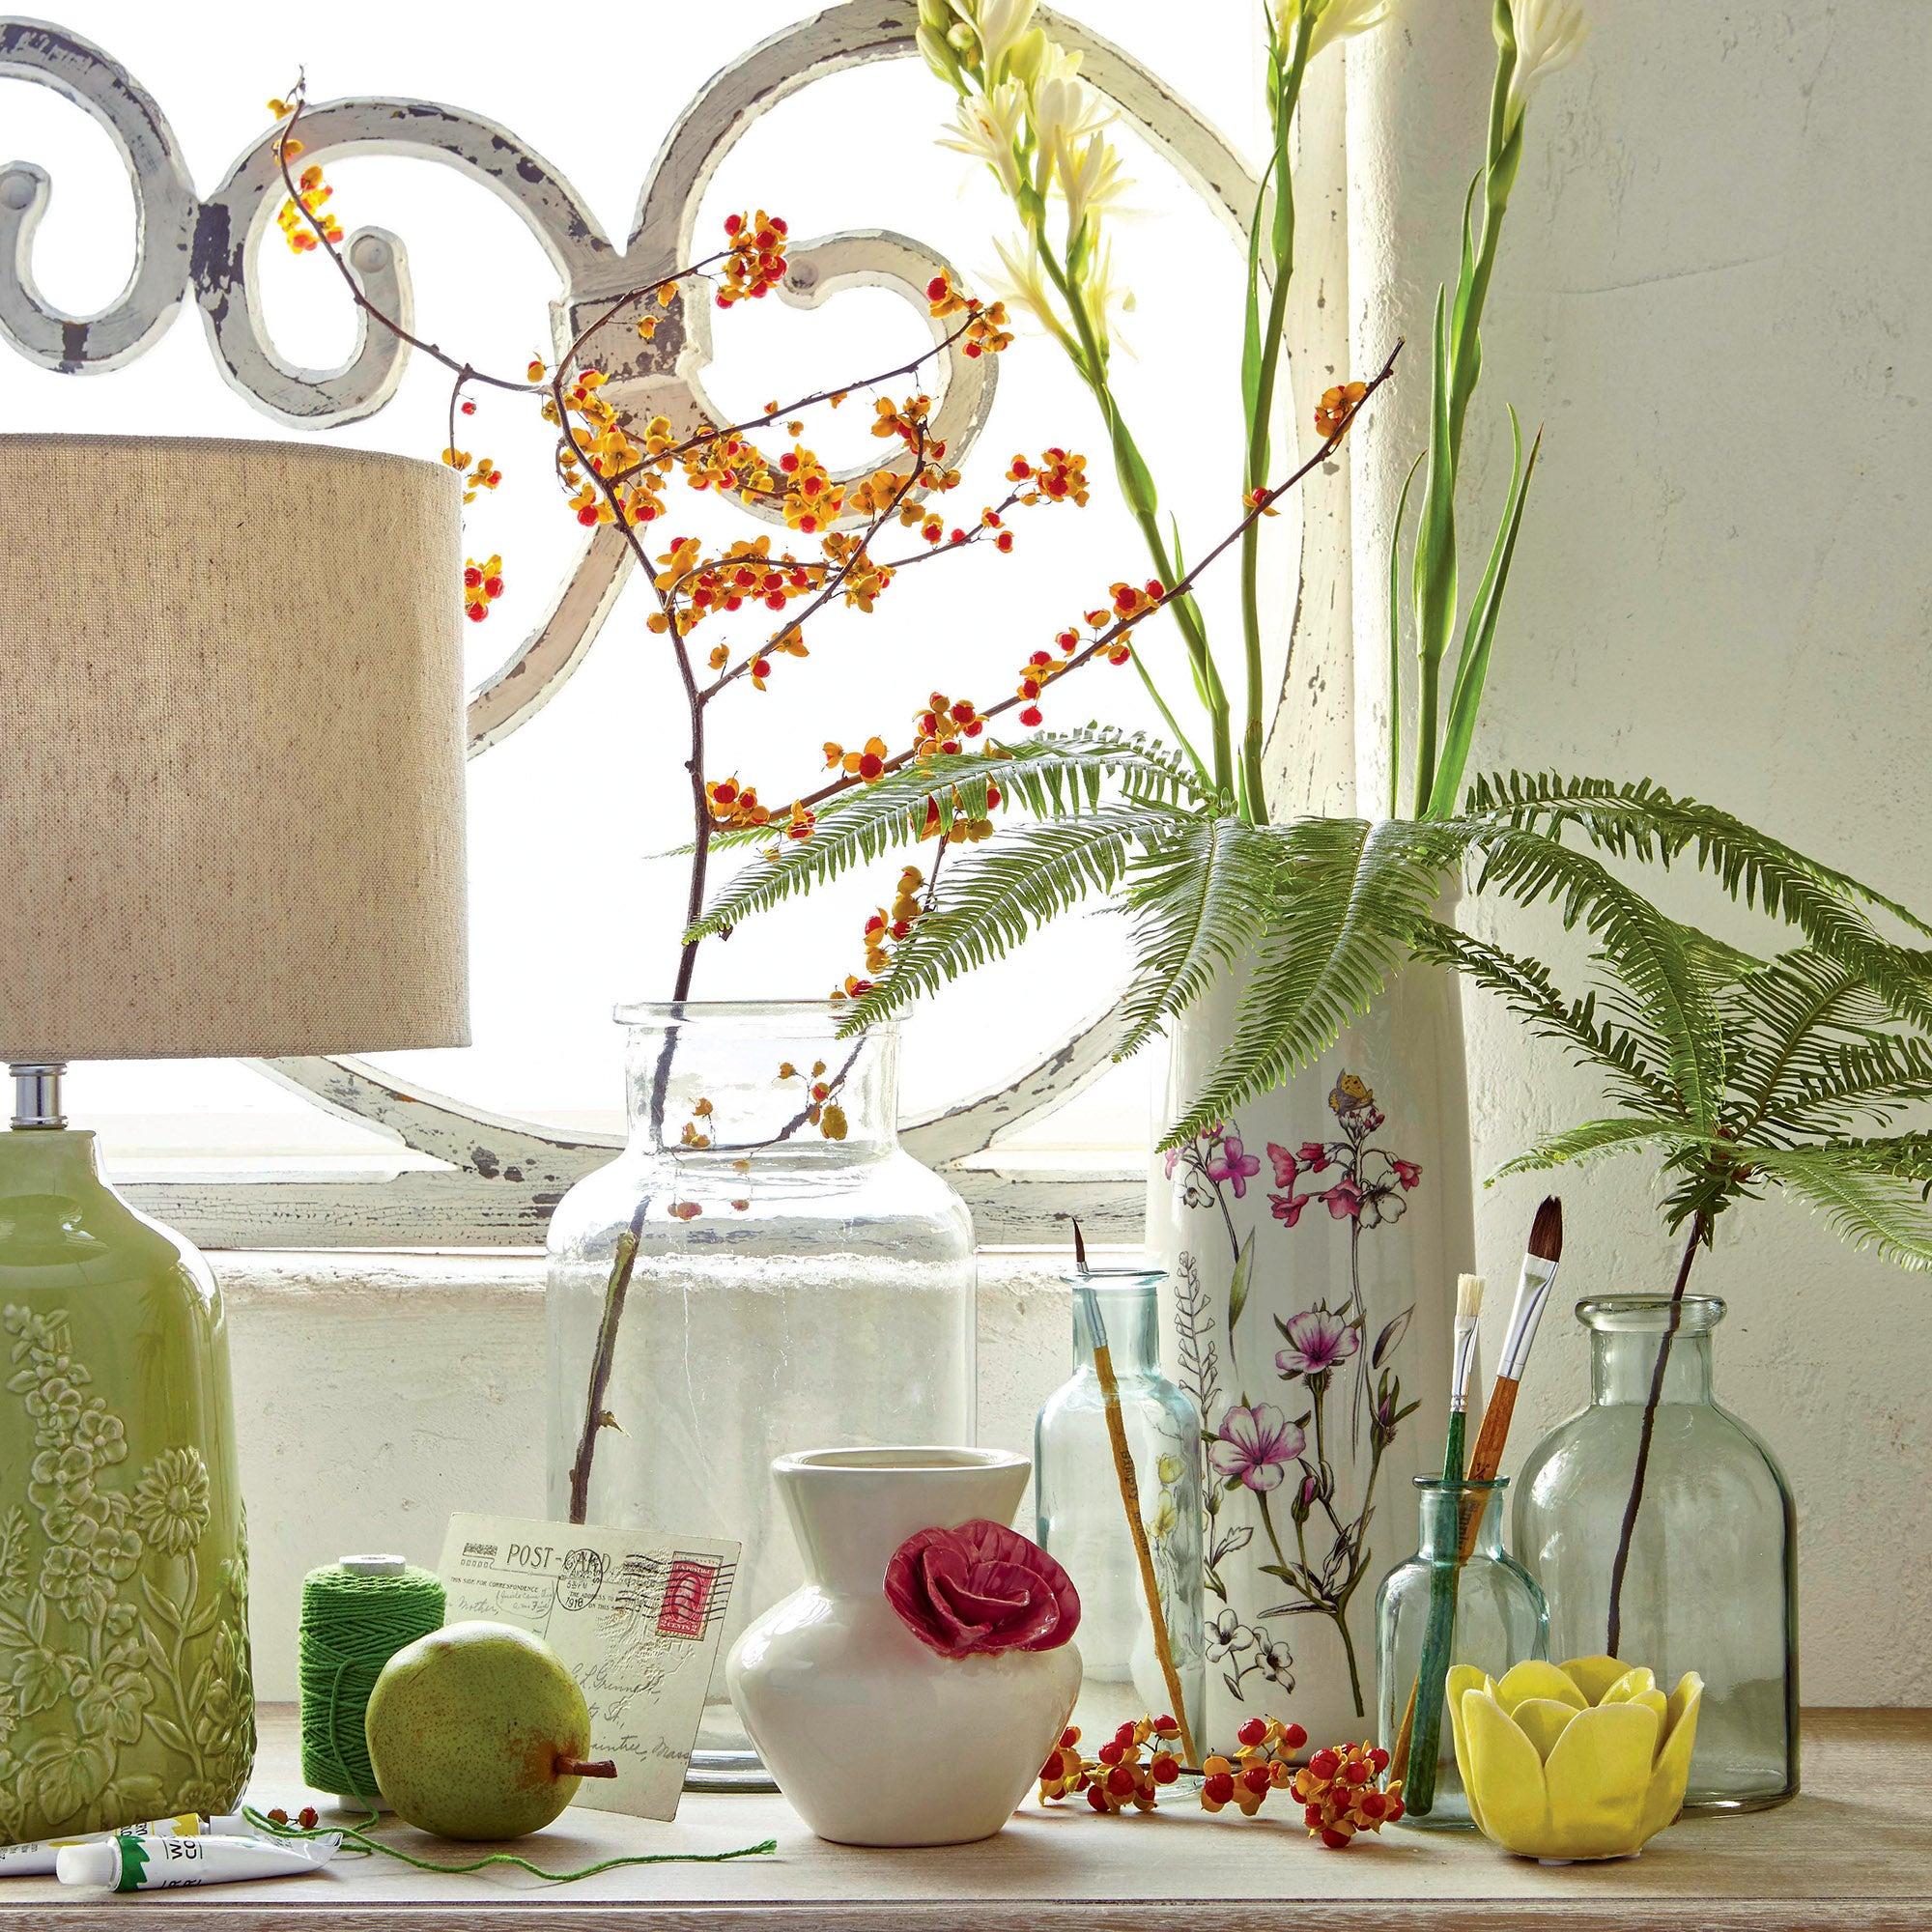 Botanical Home Decor Collection